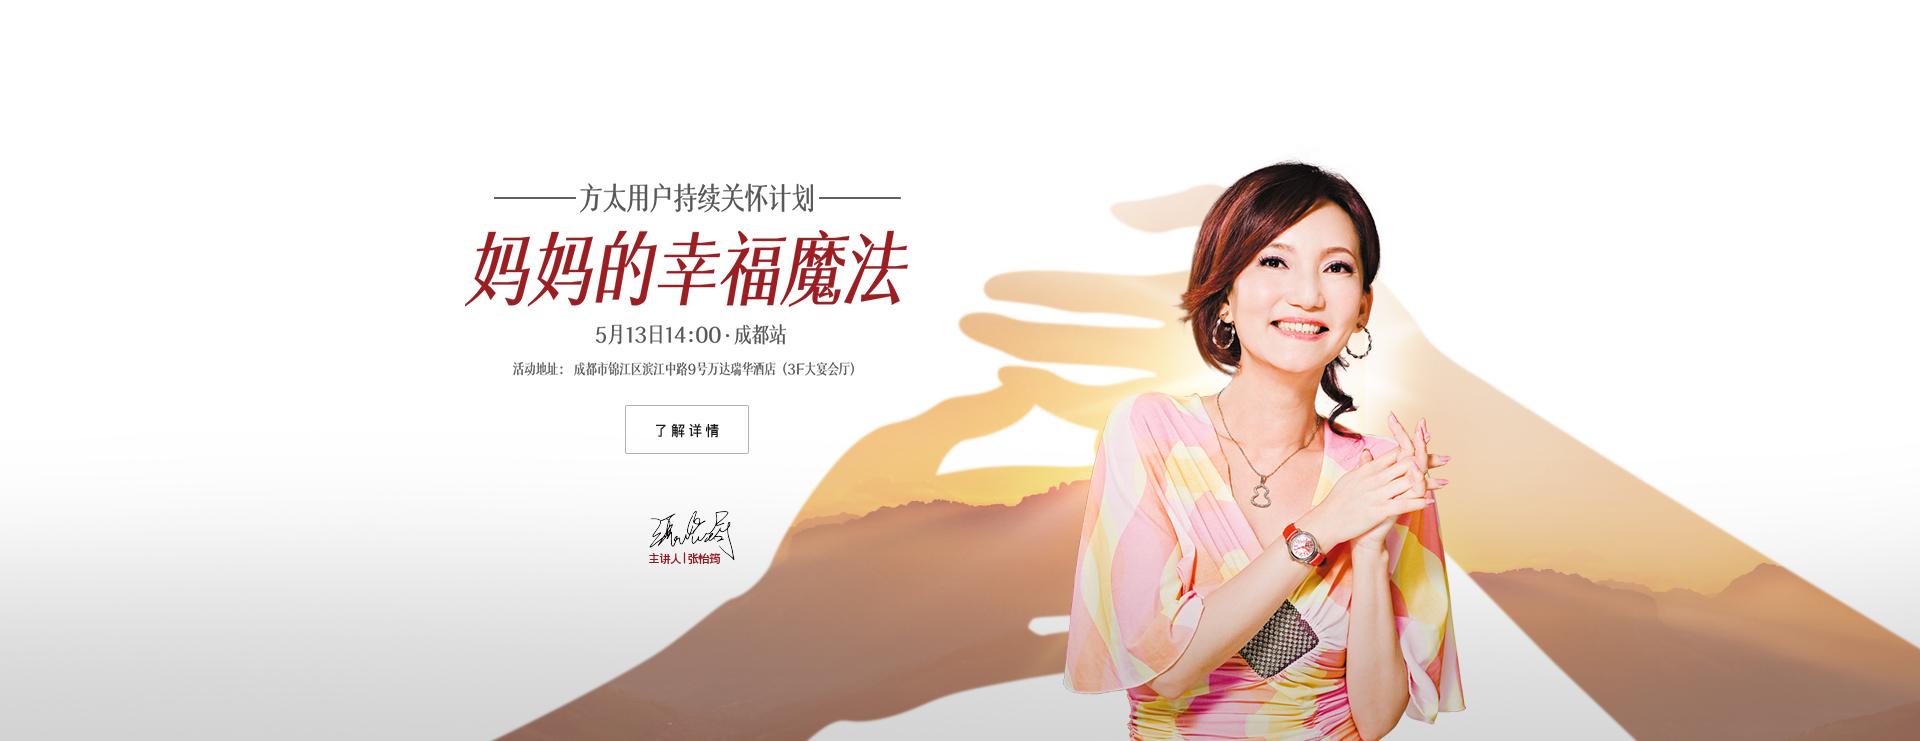 母亲节 | 方太携手张怡筠,揭秘儿童情商教育的5个小魔法